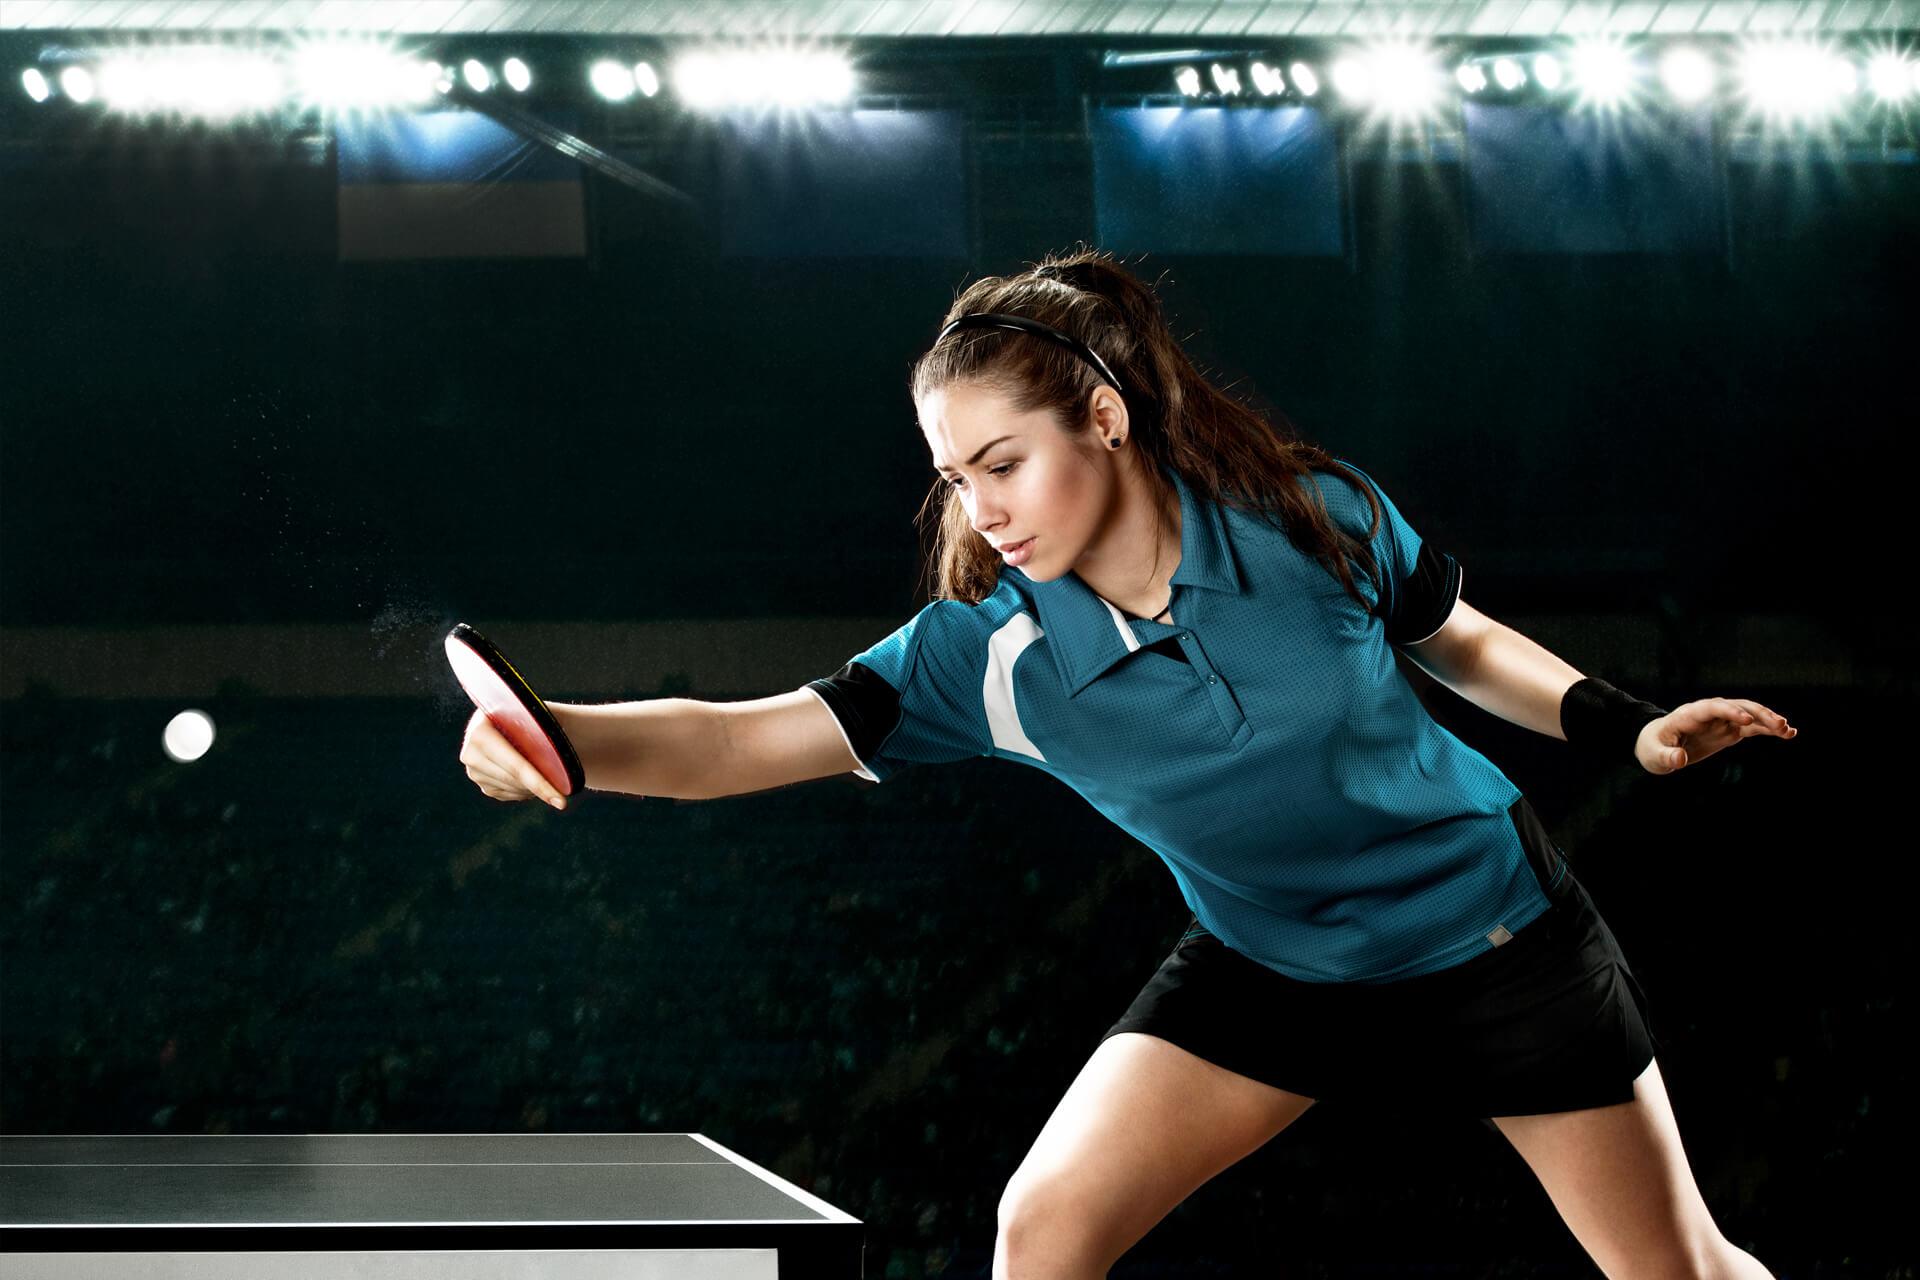 galery-ping-pong